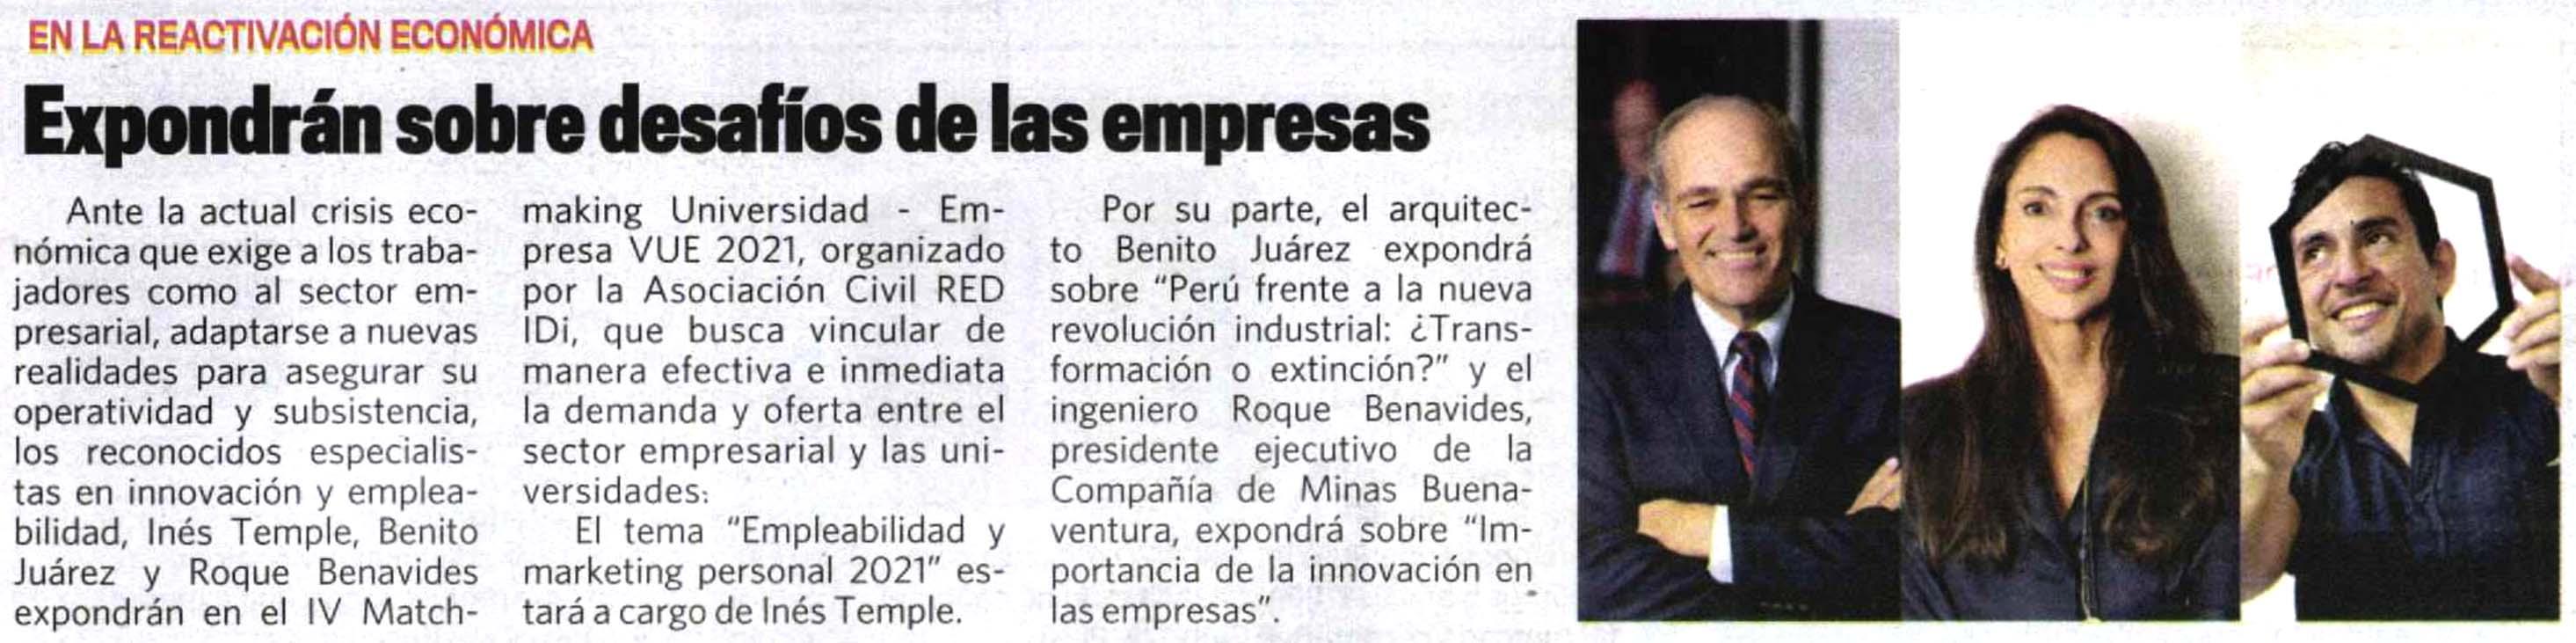 Expondrán sobre desafíos de las empresas 1 |  Ines Temple | Inés Temple | 25 julio, 2021 | LHH DBM Perú